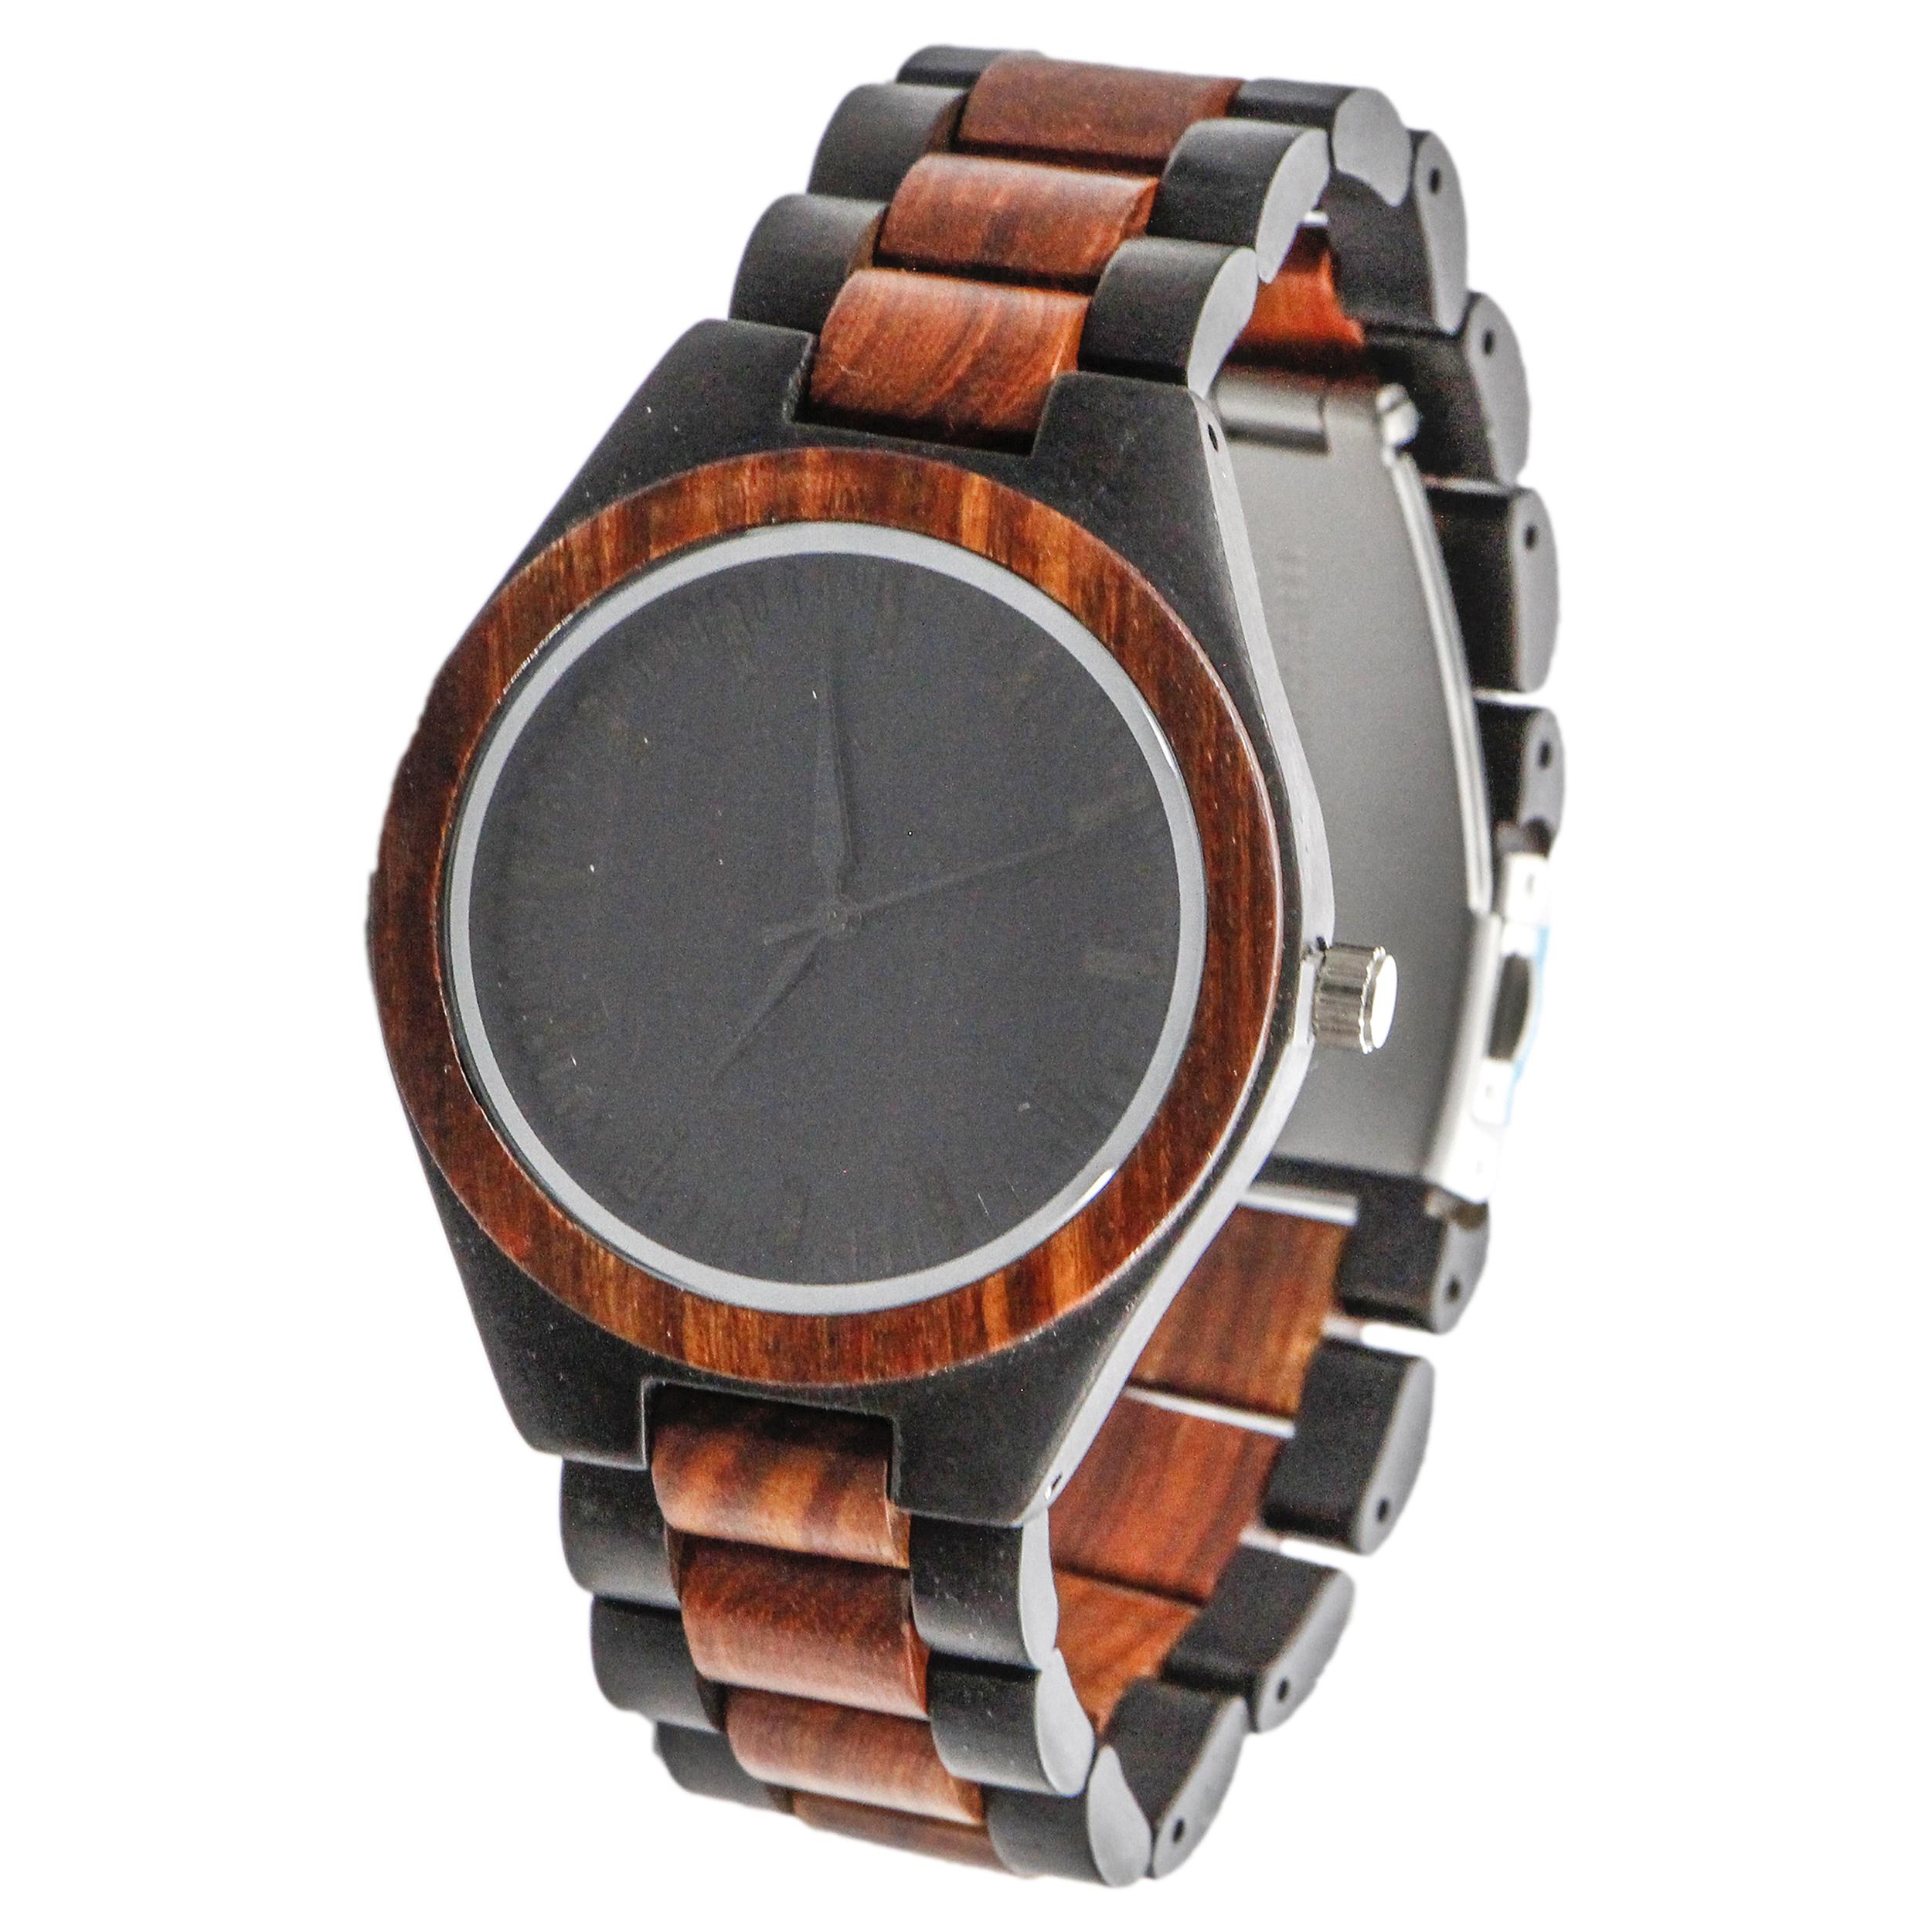 ساعت مچی چوبی عقربه ای - کد BMK29 54